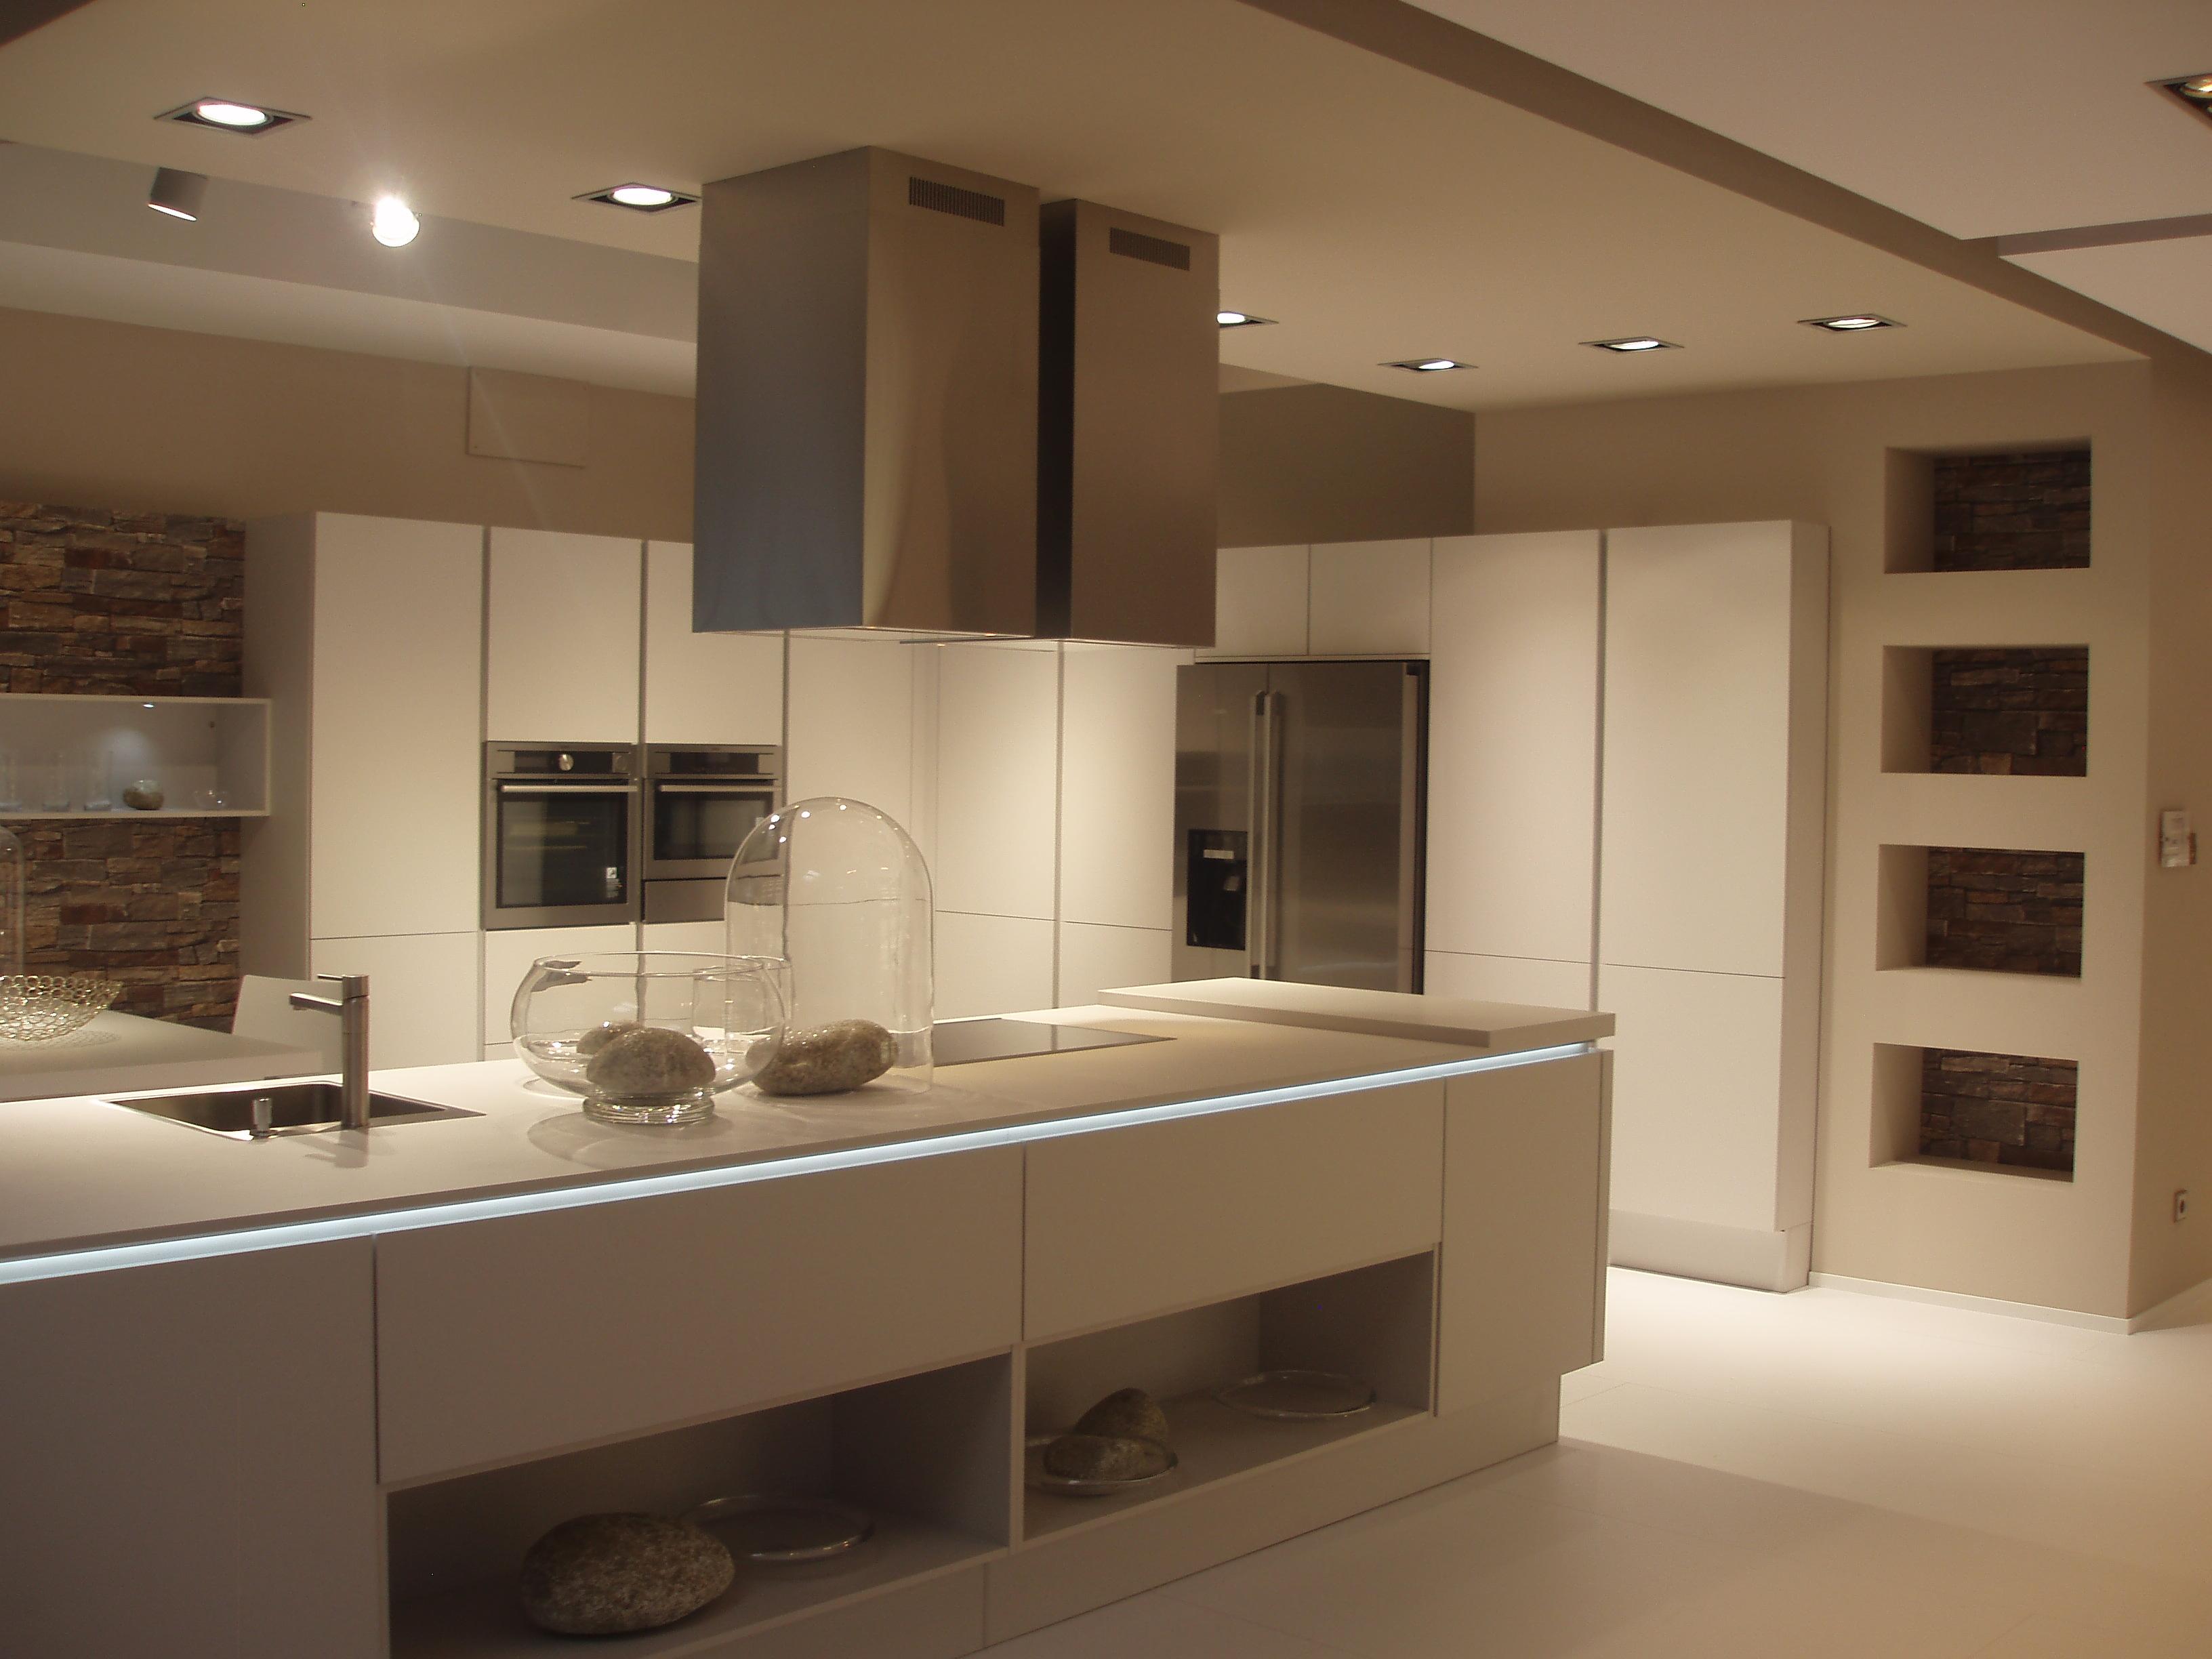 Novedades 2015 cocinas feju - Novedades en muebles de cocina ...